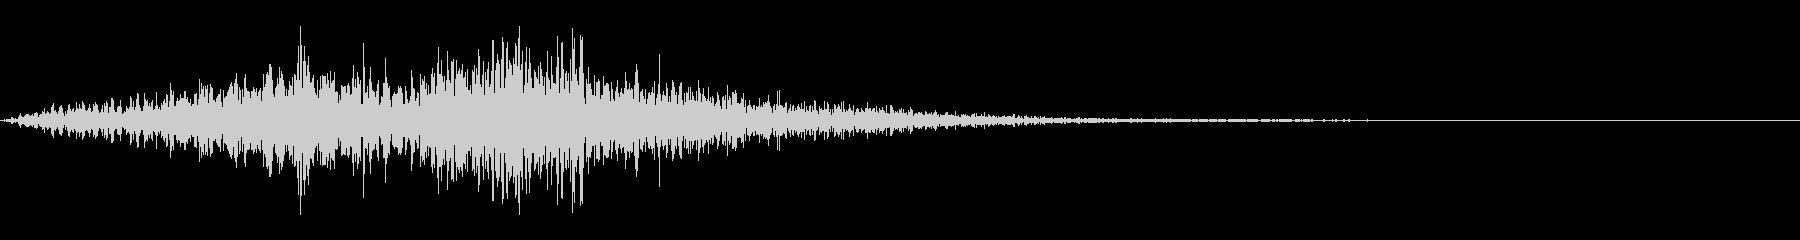 怒っているフラッターフーシュ3の未再生の波形